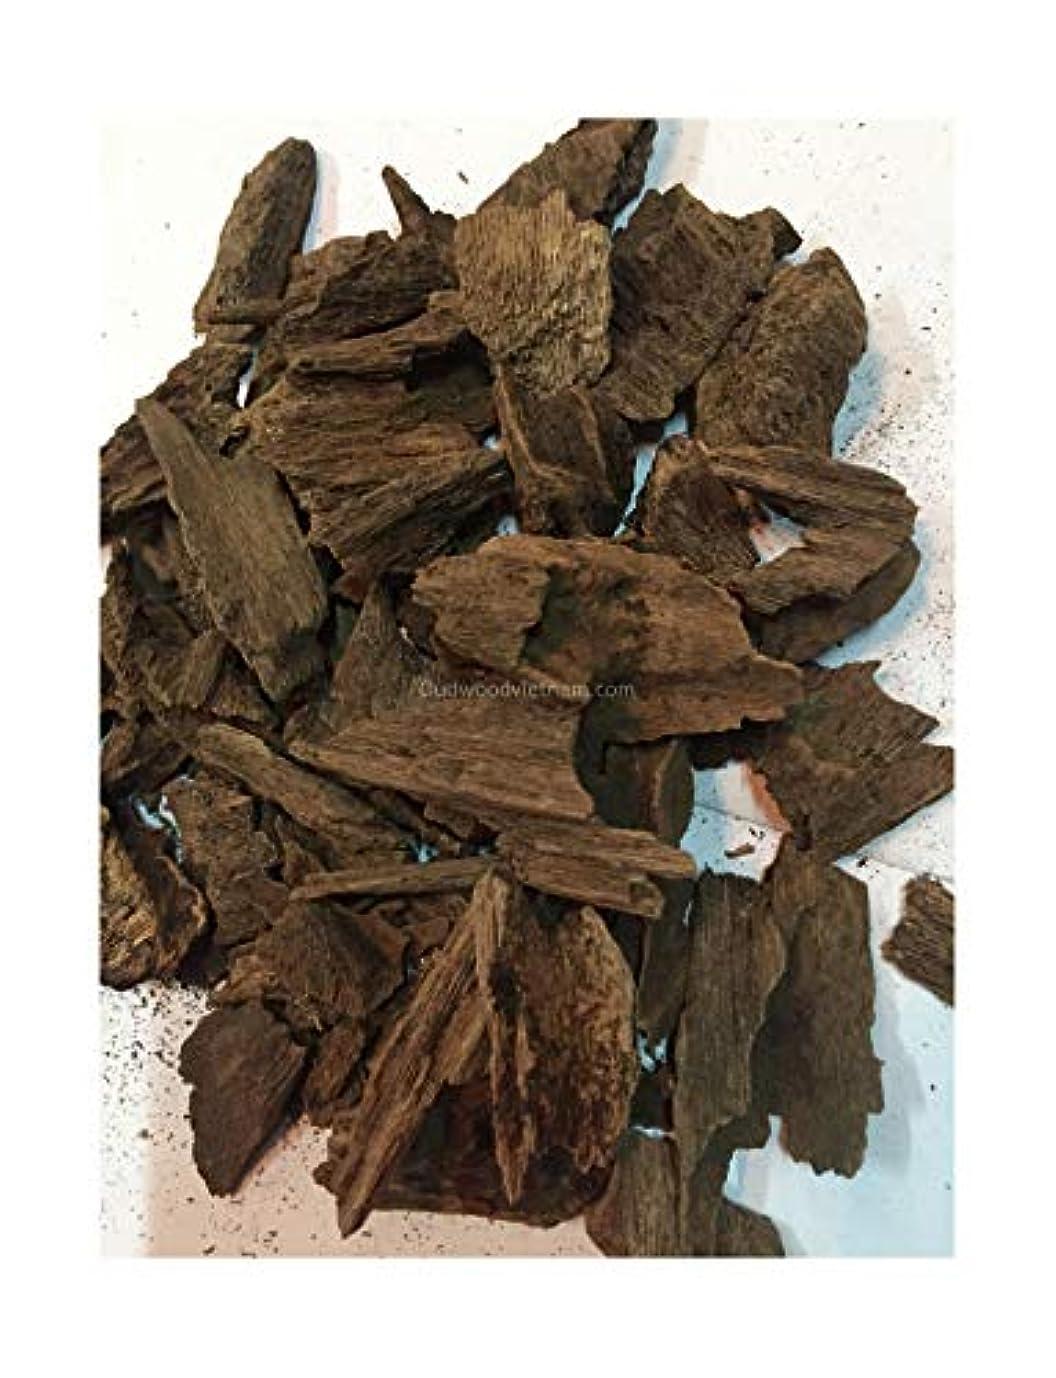 有名なサイズ返済オウドチップス オードチップ インセンス アロマ ナチュラル ワイルド レア アガーウッド チップ オードウッド ベトナム 純素材 グレードA++ 10 Grams ブラック